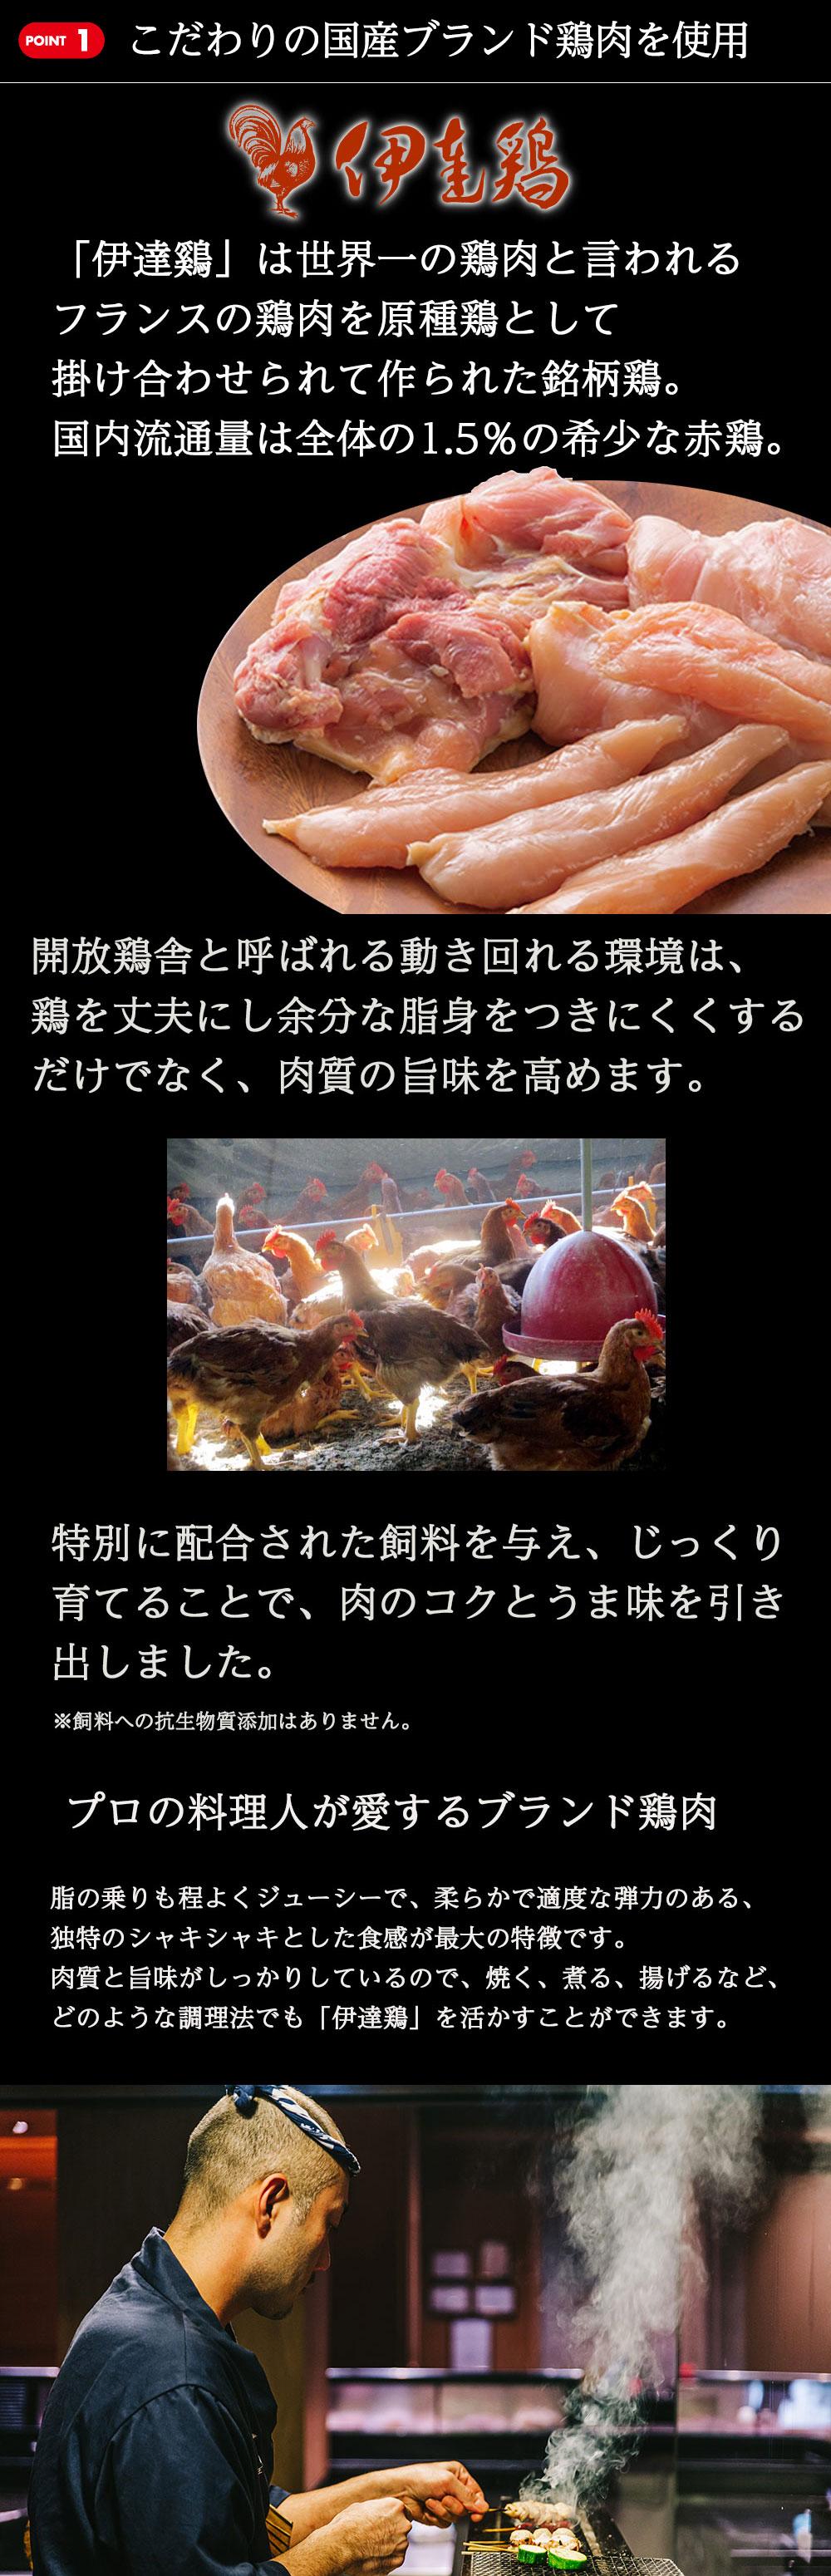 鶏肉から職人